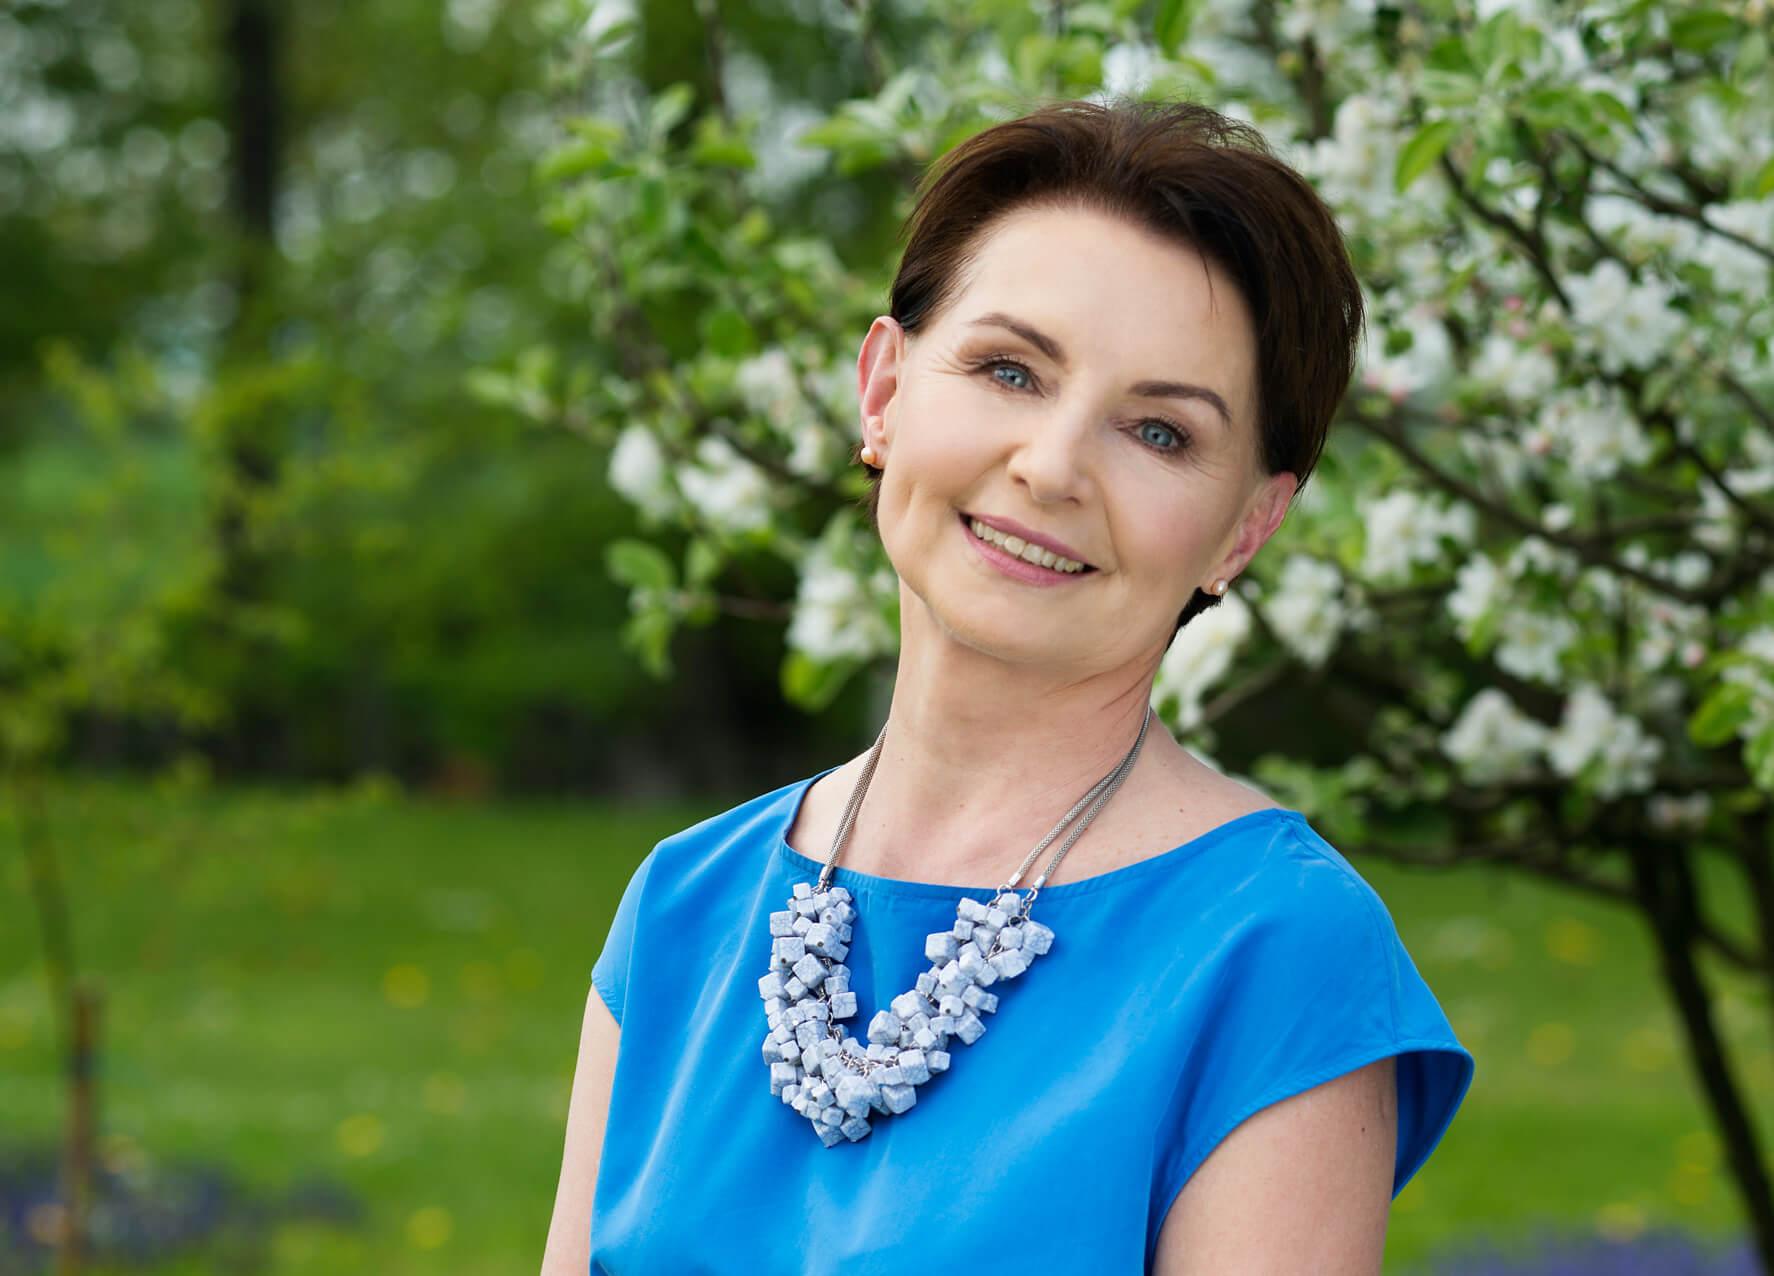 neodermyl kobieta z dojrzałą cerą w sadzie wiosną